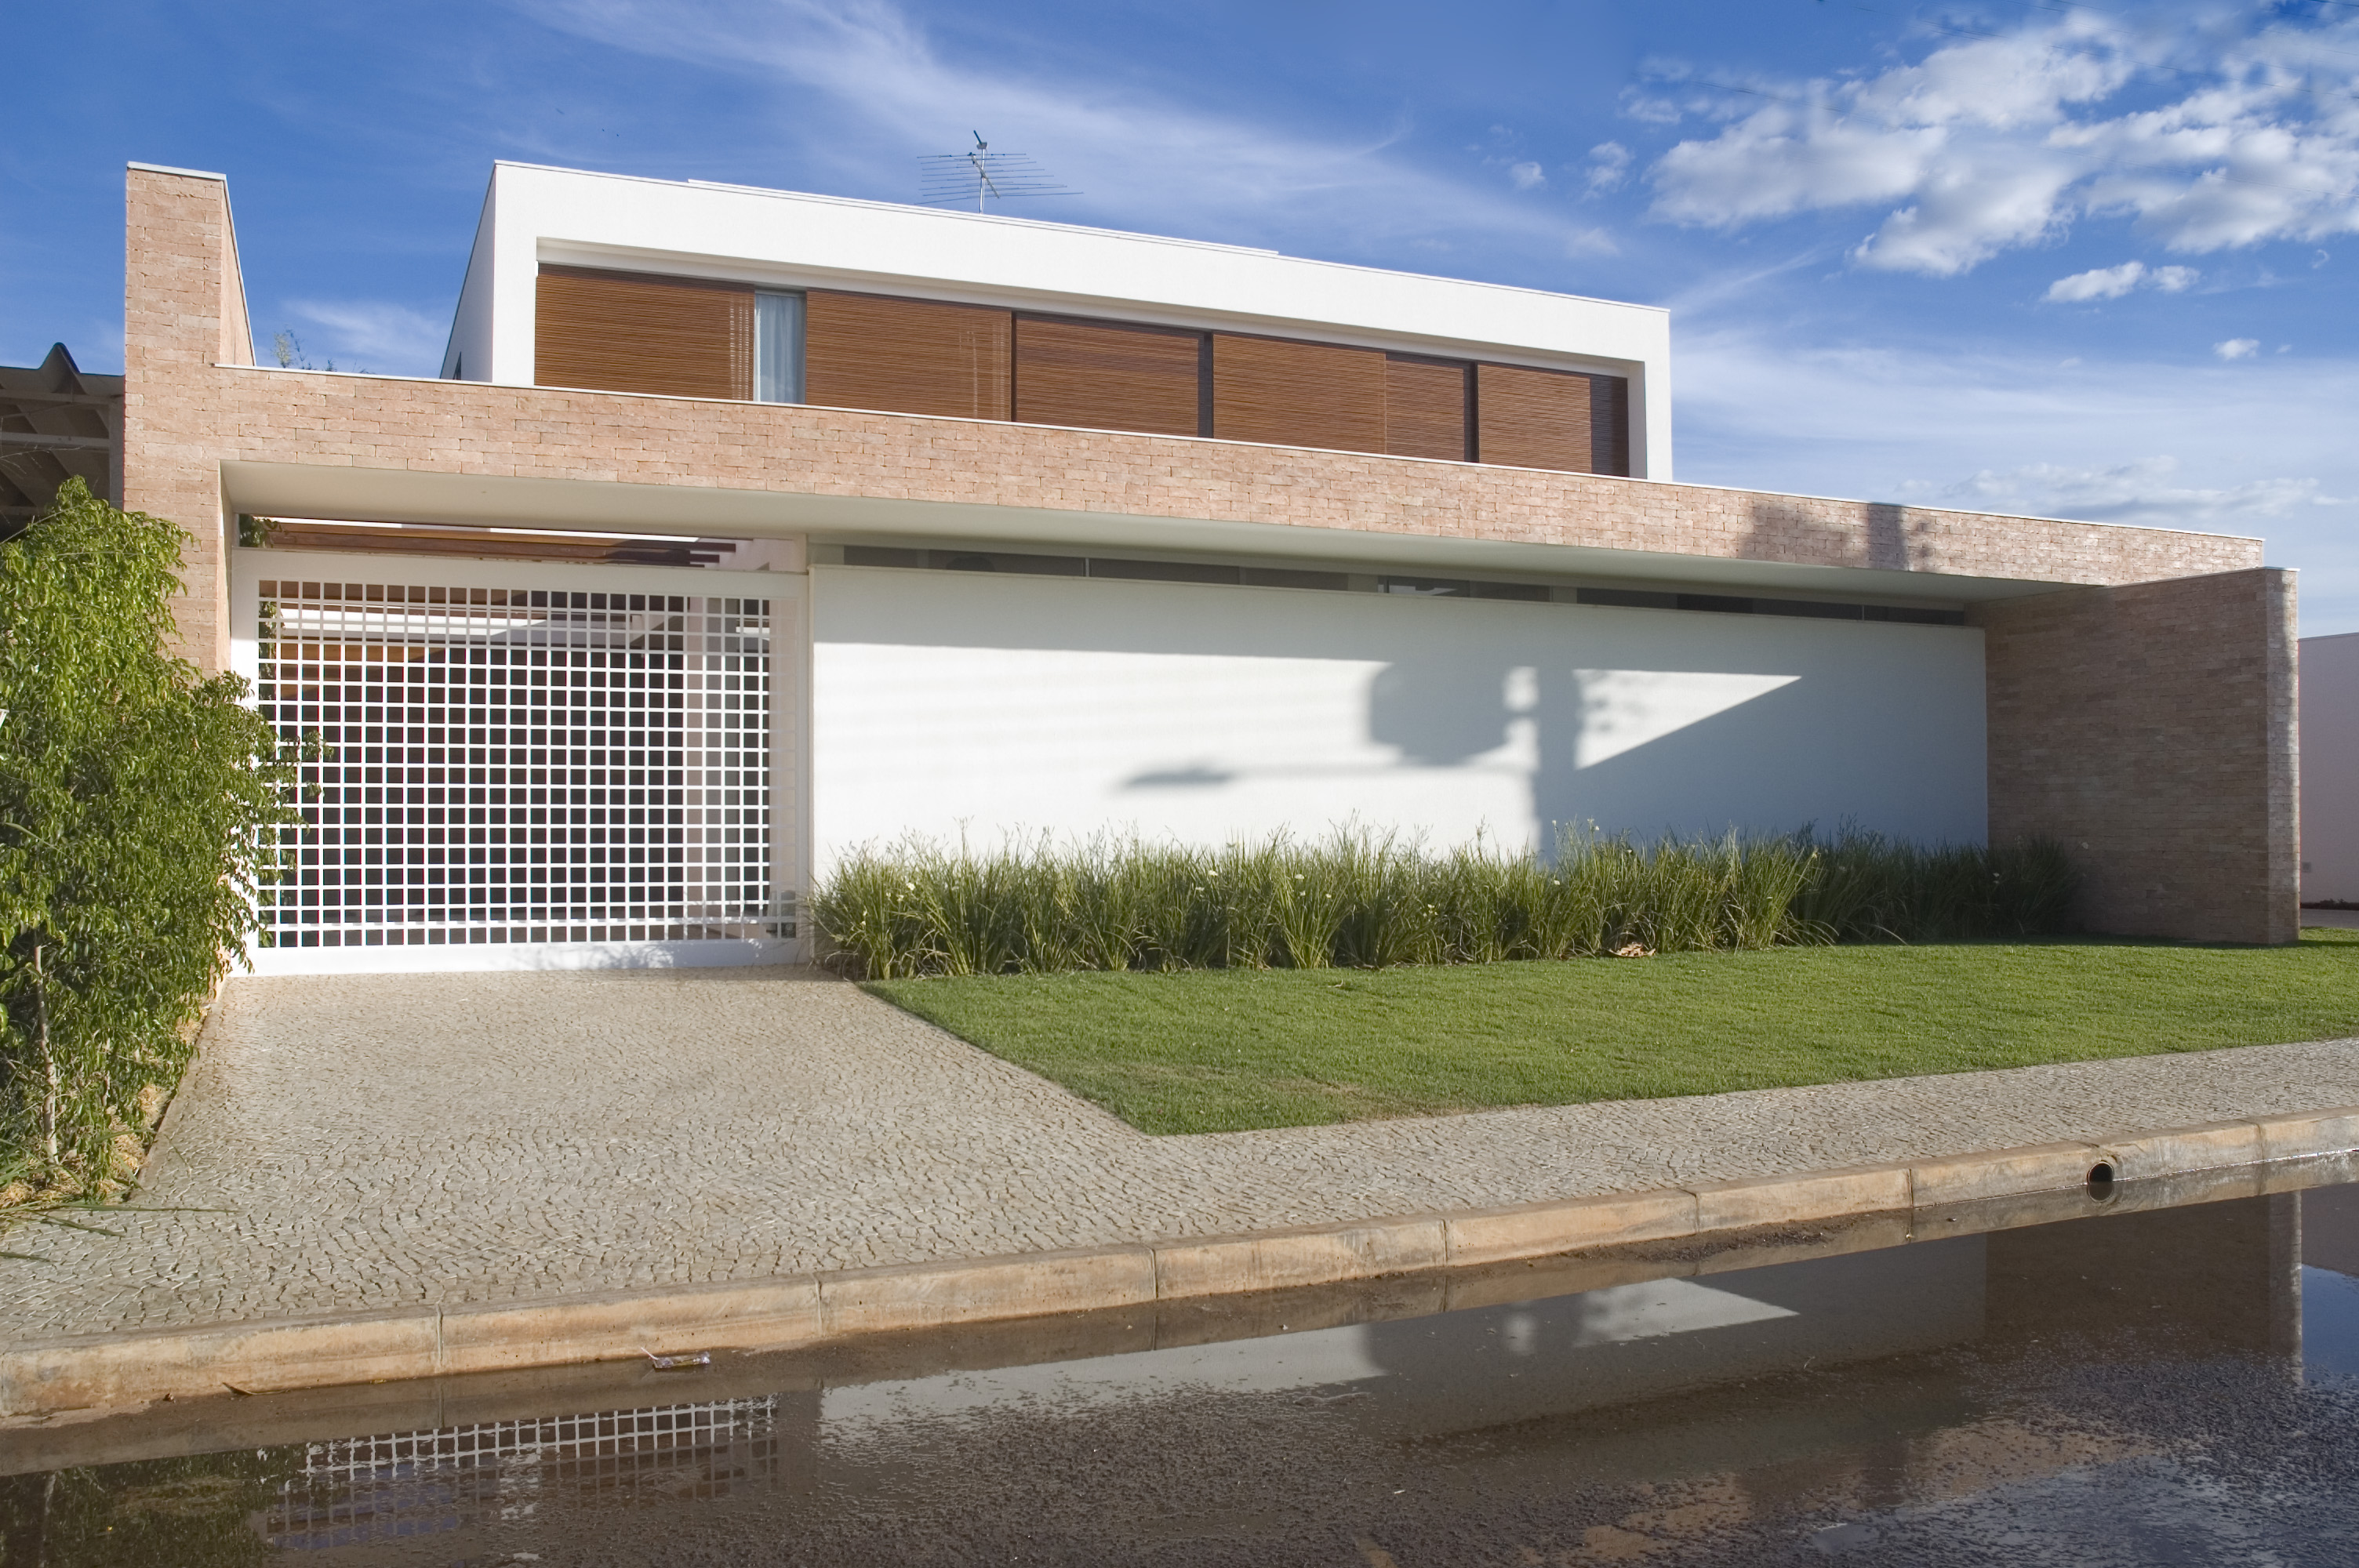 Modelos de casas residenciales tattoo design bild - Disenos de casas modernas ...